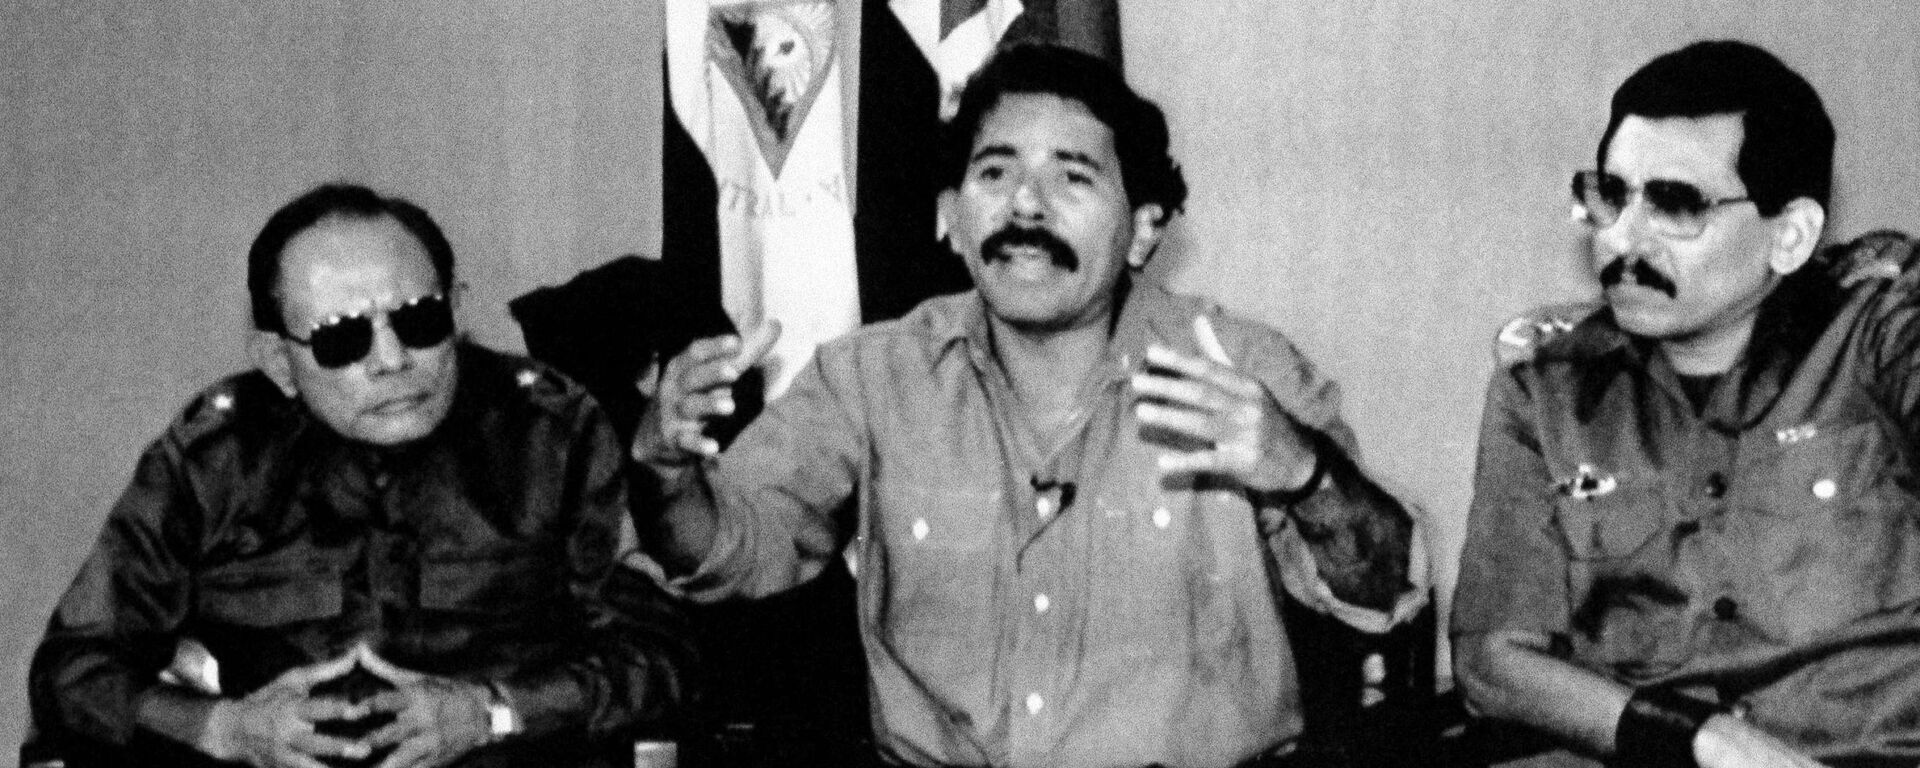 Tomás Borge, Daniel Ortega y Humberto Ortega, durante una conferencia de prensa en 1989 - Sputnik Mundo, 1920, 19.07.2019